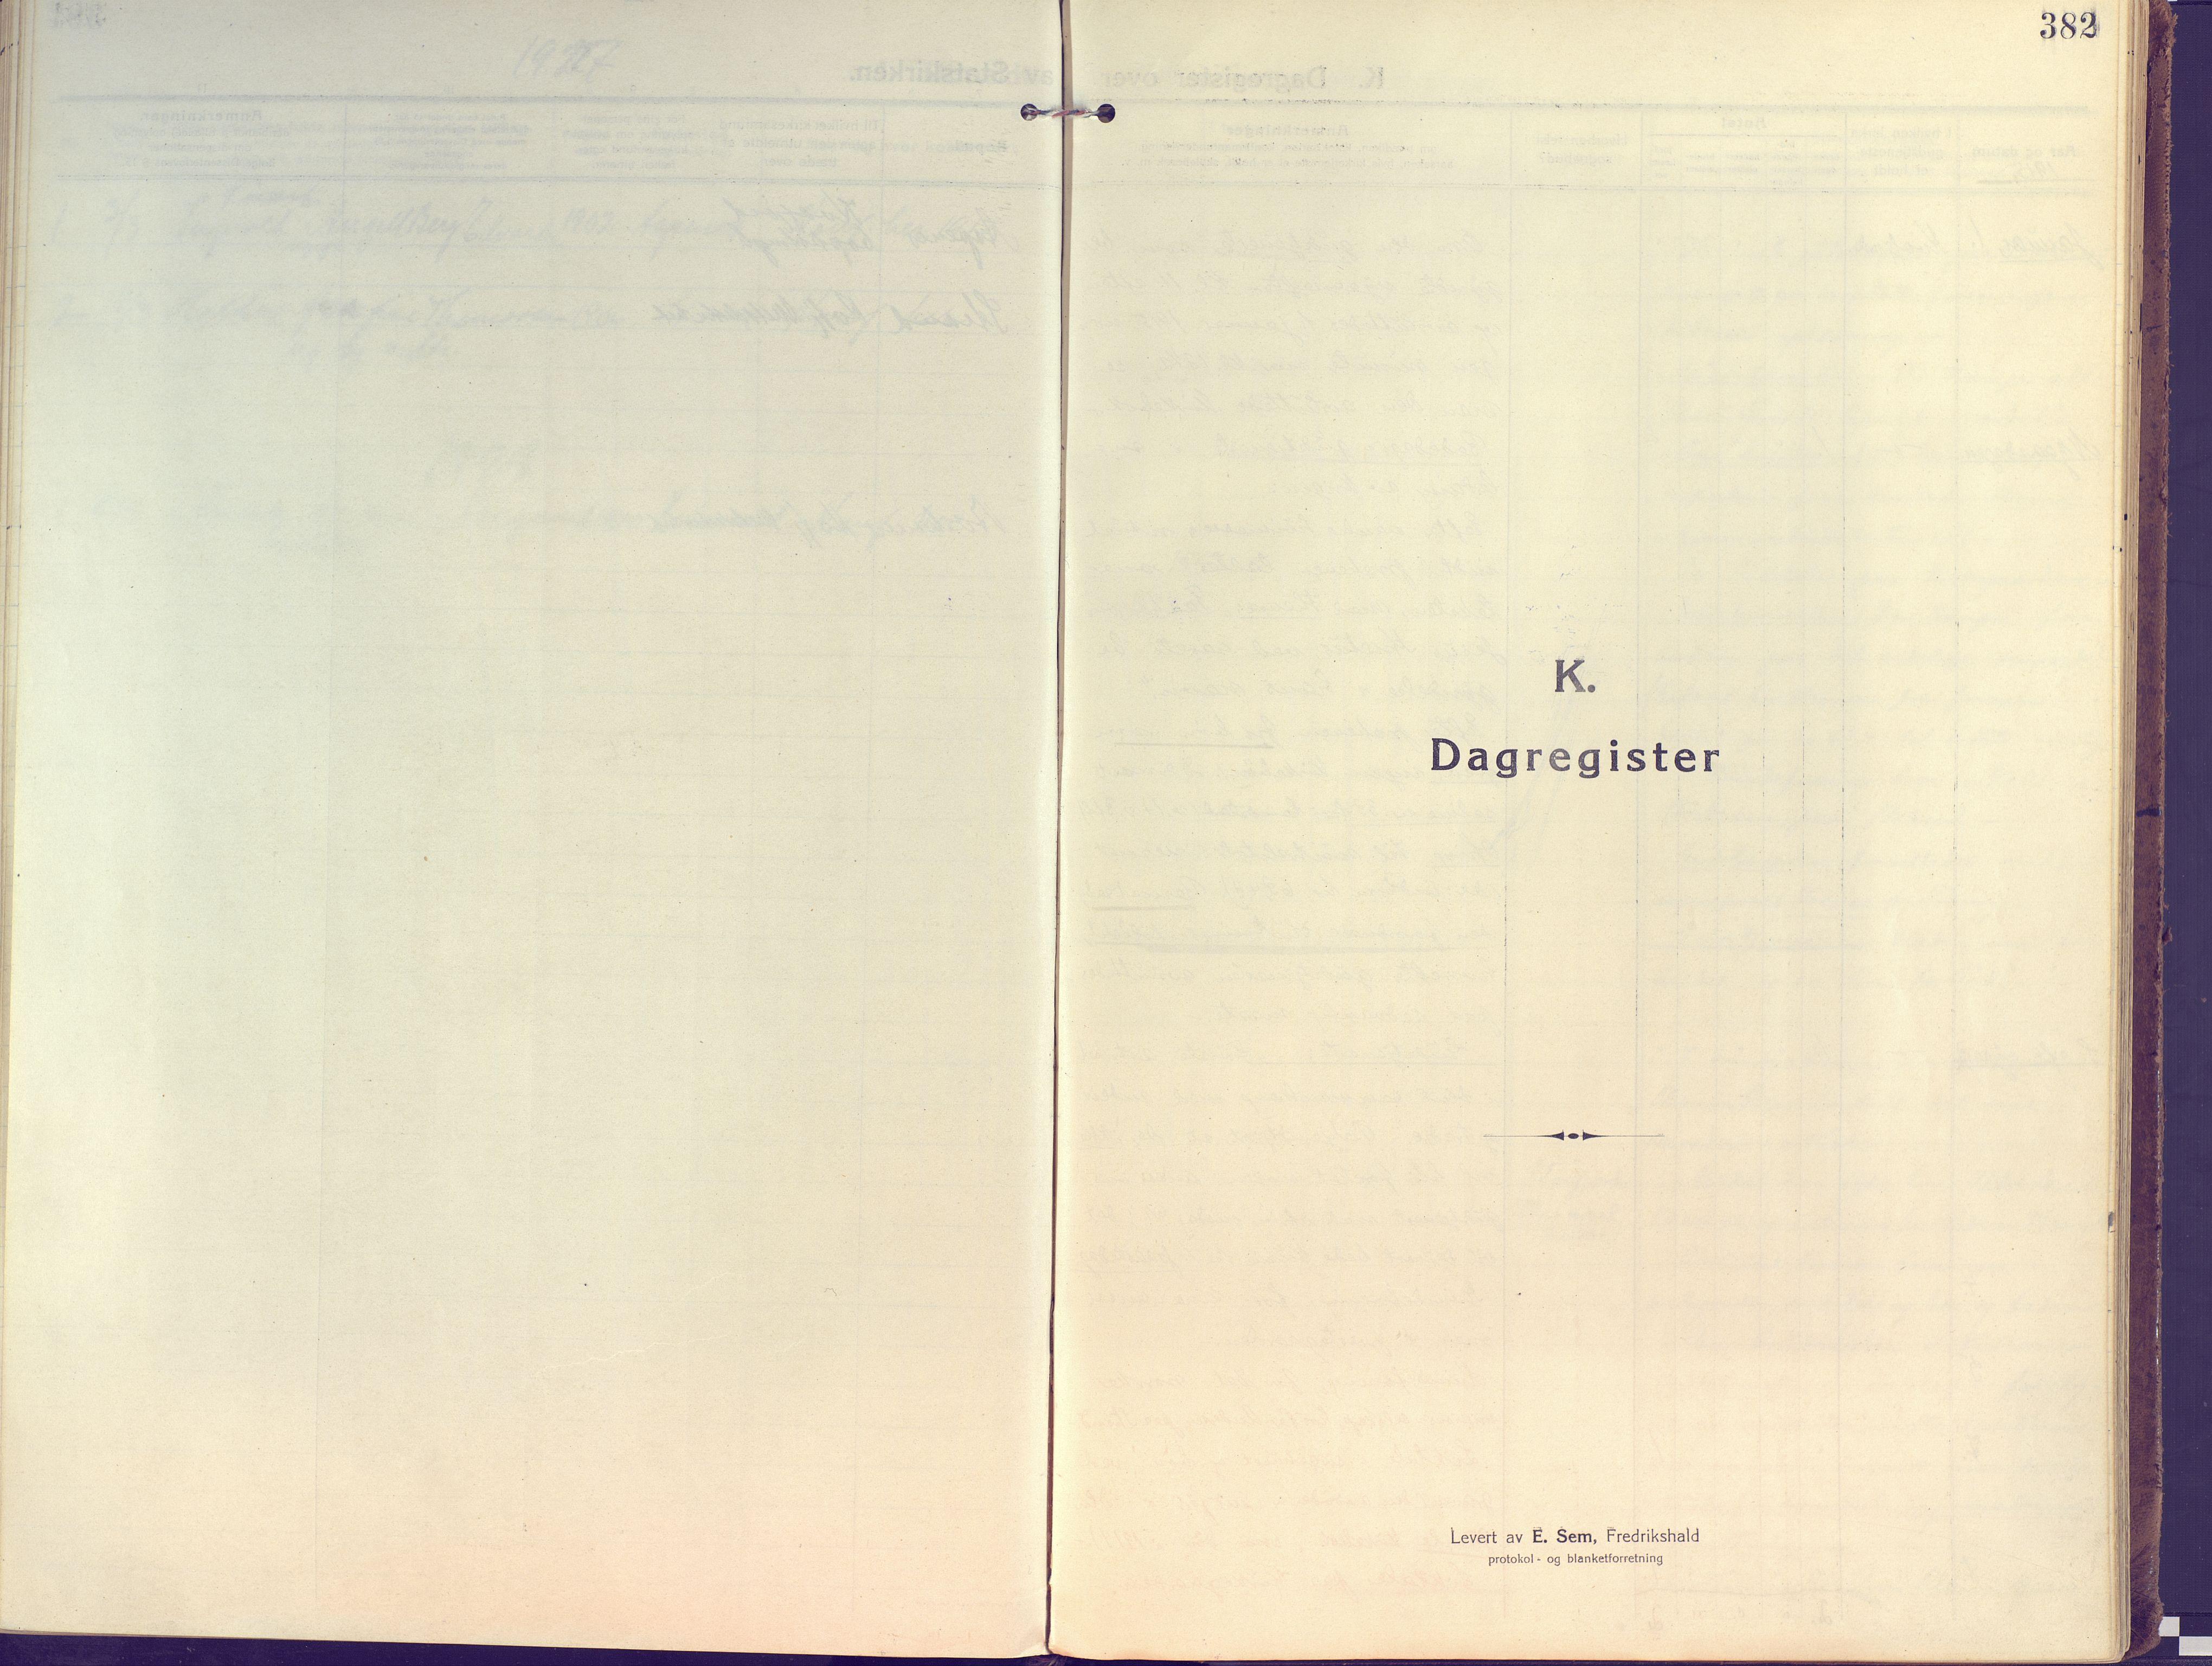 SATØ, Kvæfjord sokneprestkontor, G/Ga/Gaa/L0007kirke: Ministerialbok nr. 7, 1915-1931, s. 382